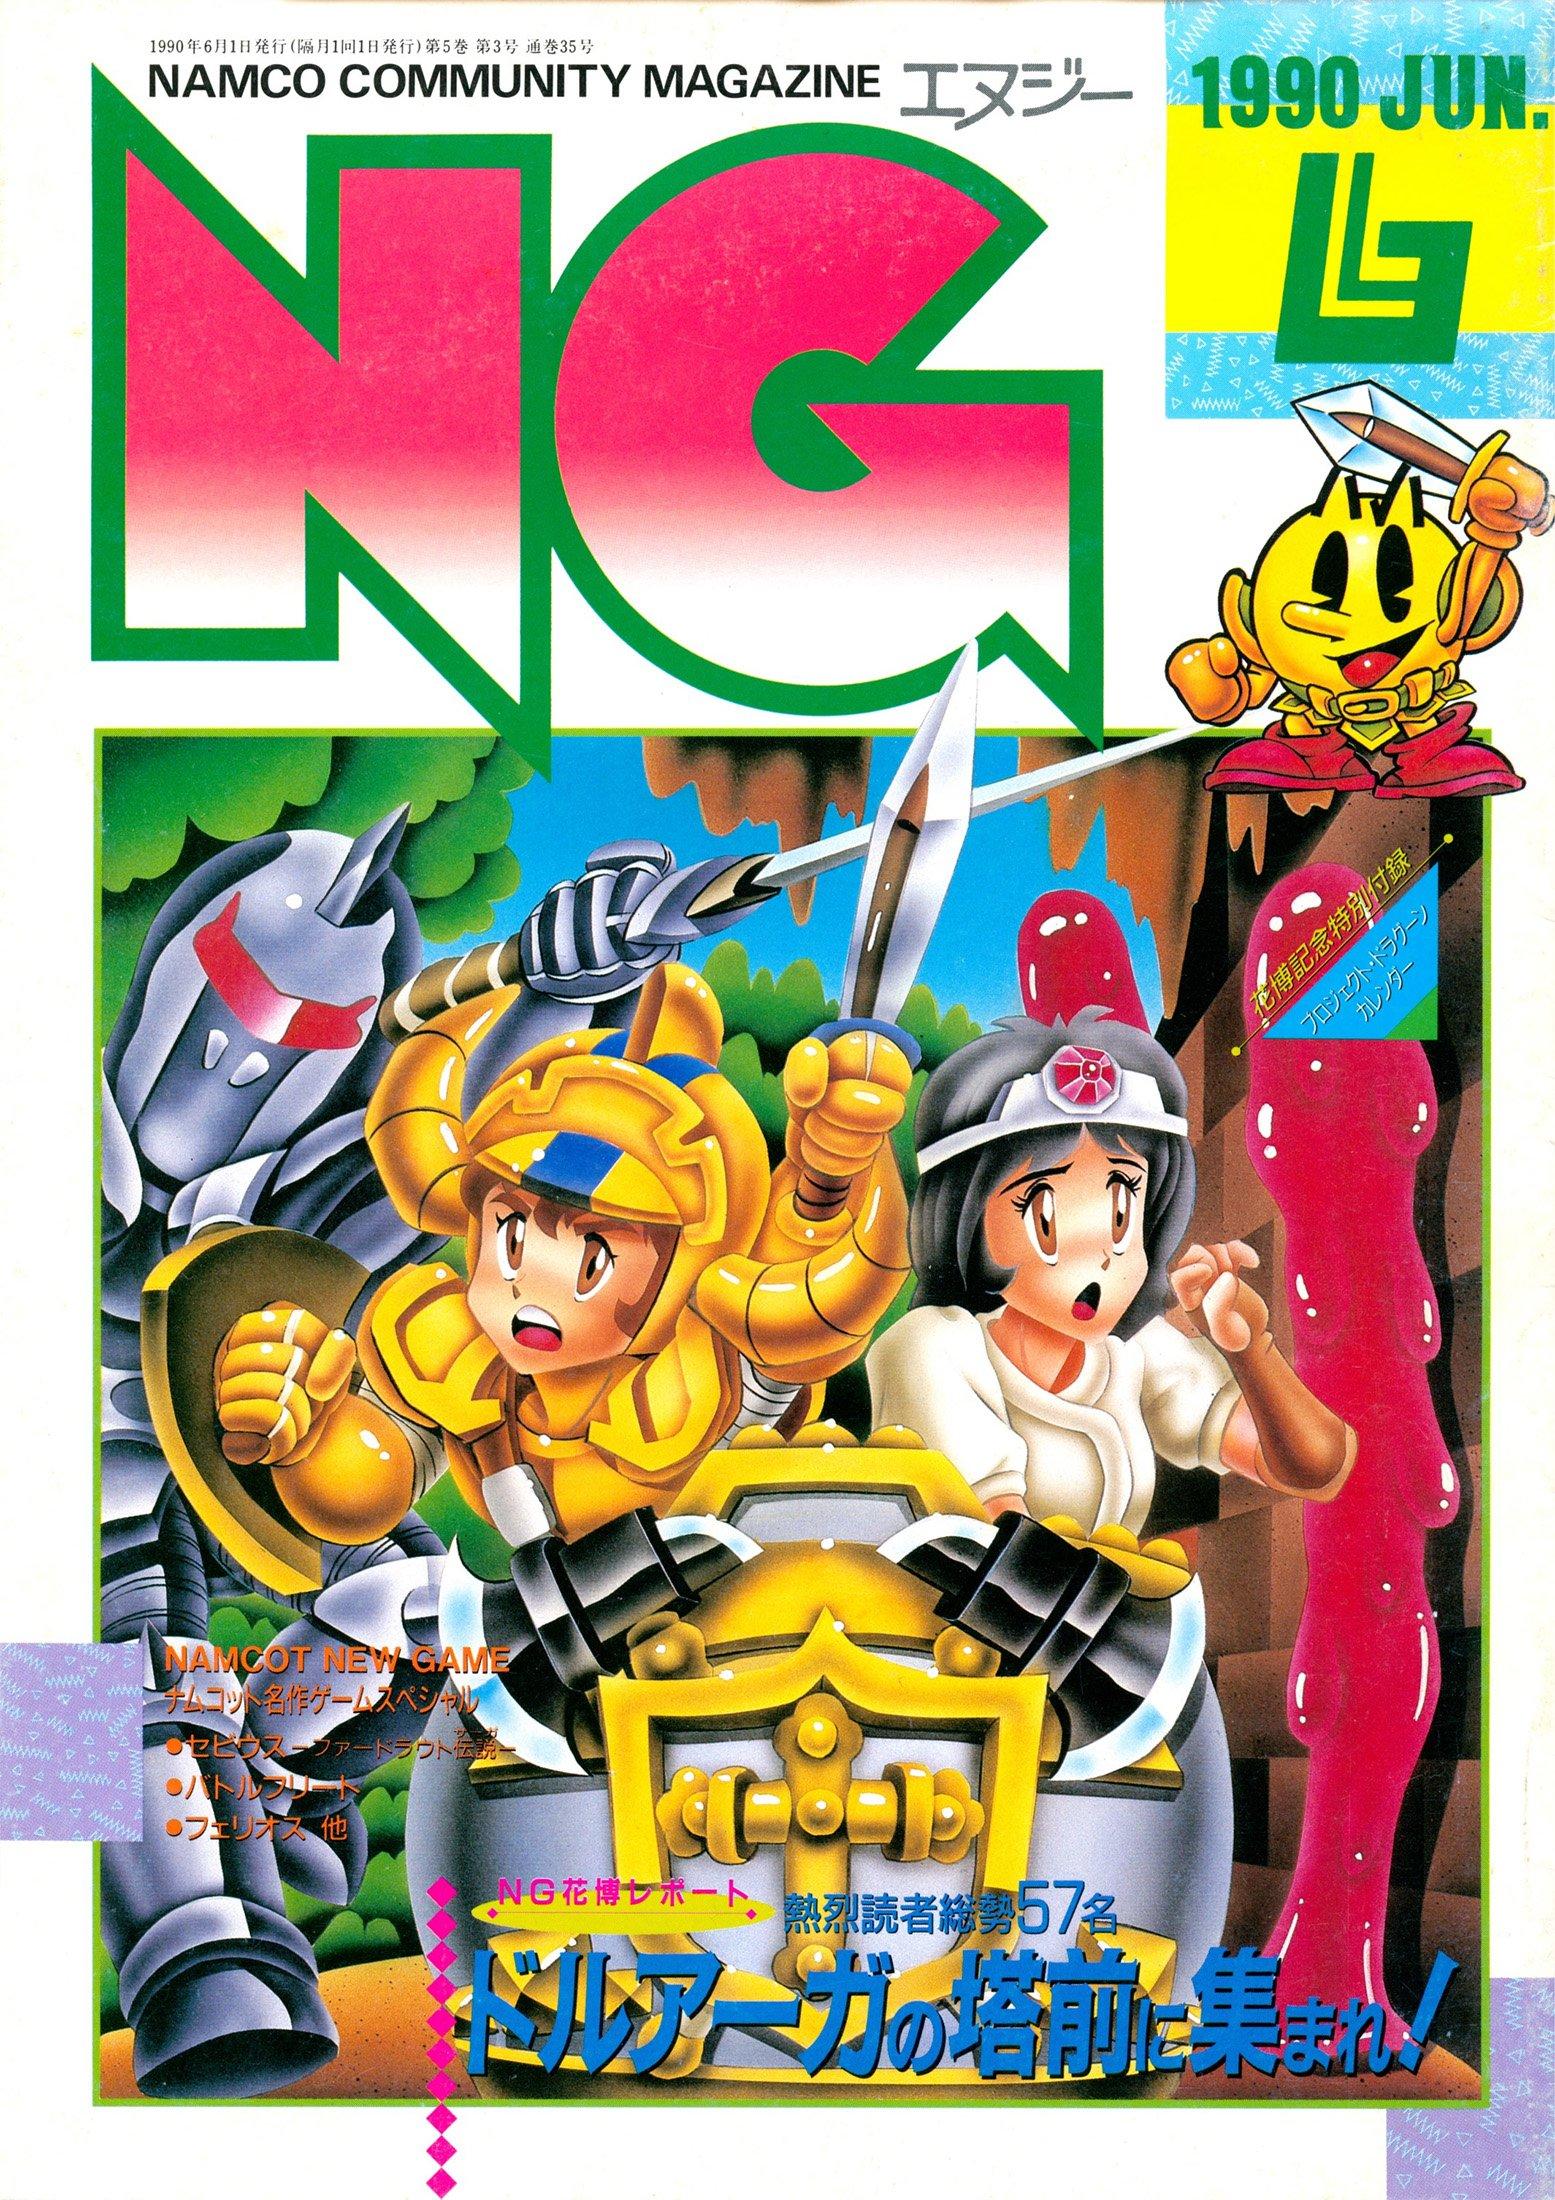 NG Namco Community Magazine Issue 35 (June 1990)